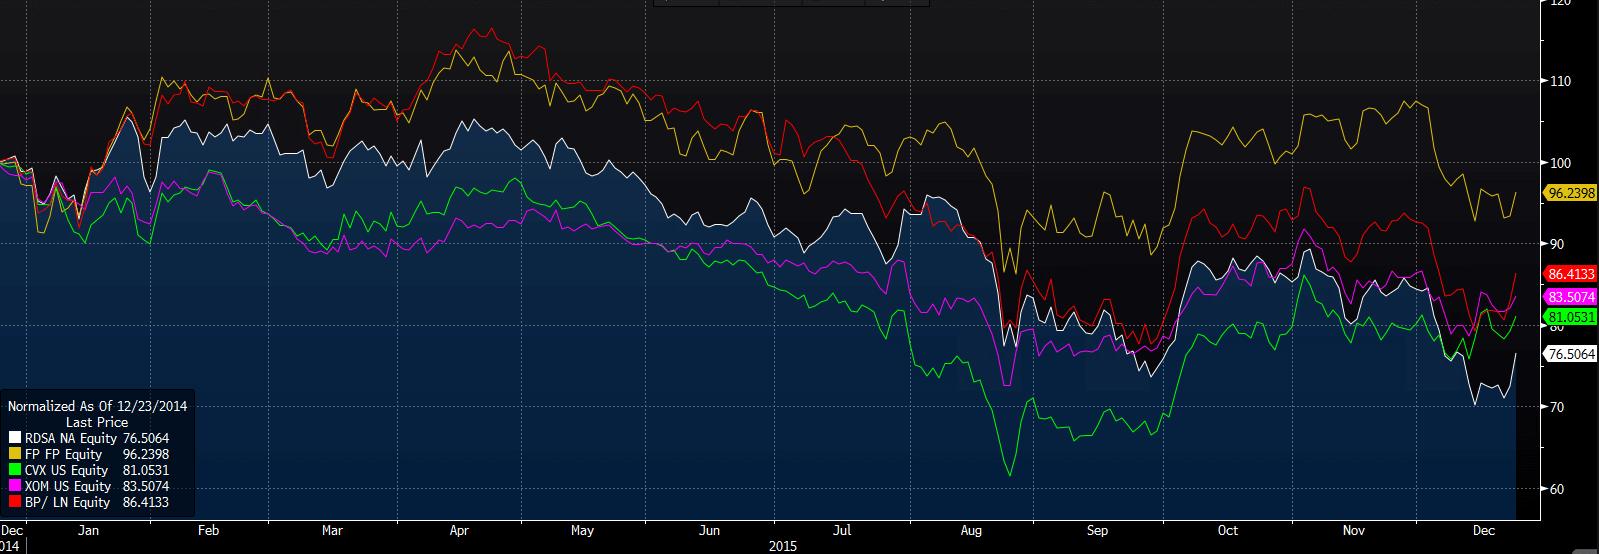 Aandeel Shell in vergelijking met haar concurrenten